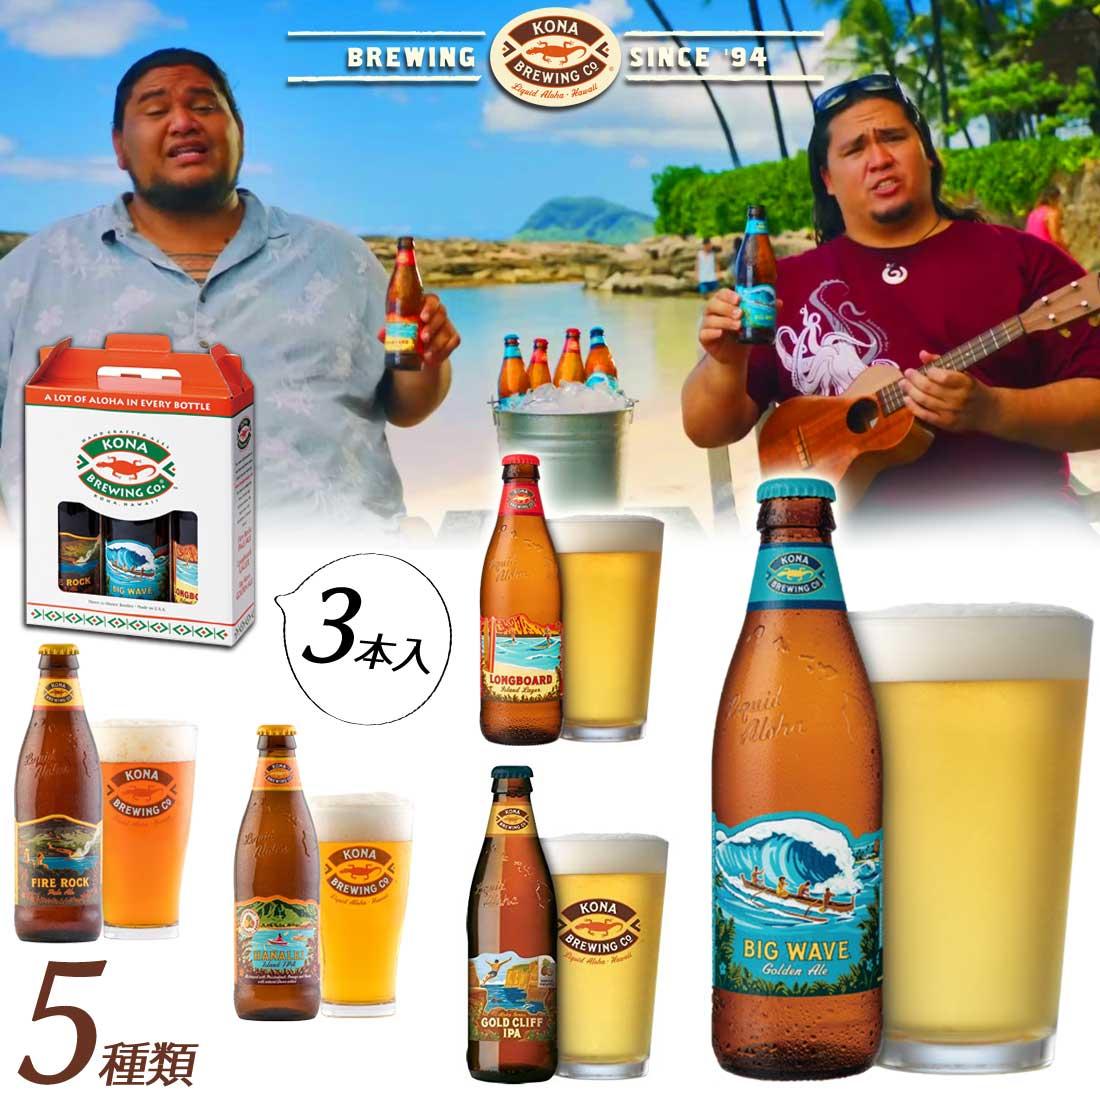 看板ビールとして地元ハワイのロコに愛され続けています 送料無料 ハワイのビール 特価キャンペーン コナビール 日本未発売 5種類から選べる 飲み比べ 3本 セット KONA BREWING ビール ギフト IPA お酒 プレゼント ラグビー観戦 クラフト ゴールデンエール アメリカ 355ml ラガー ウィート 箱買い